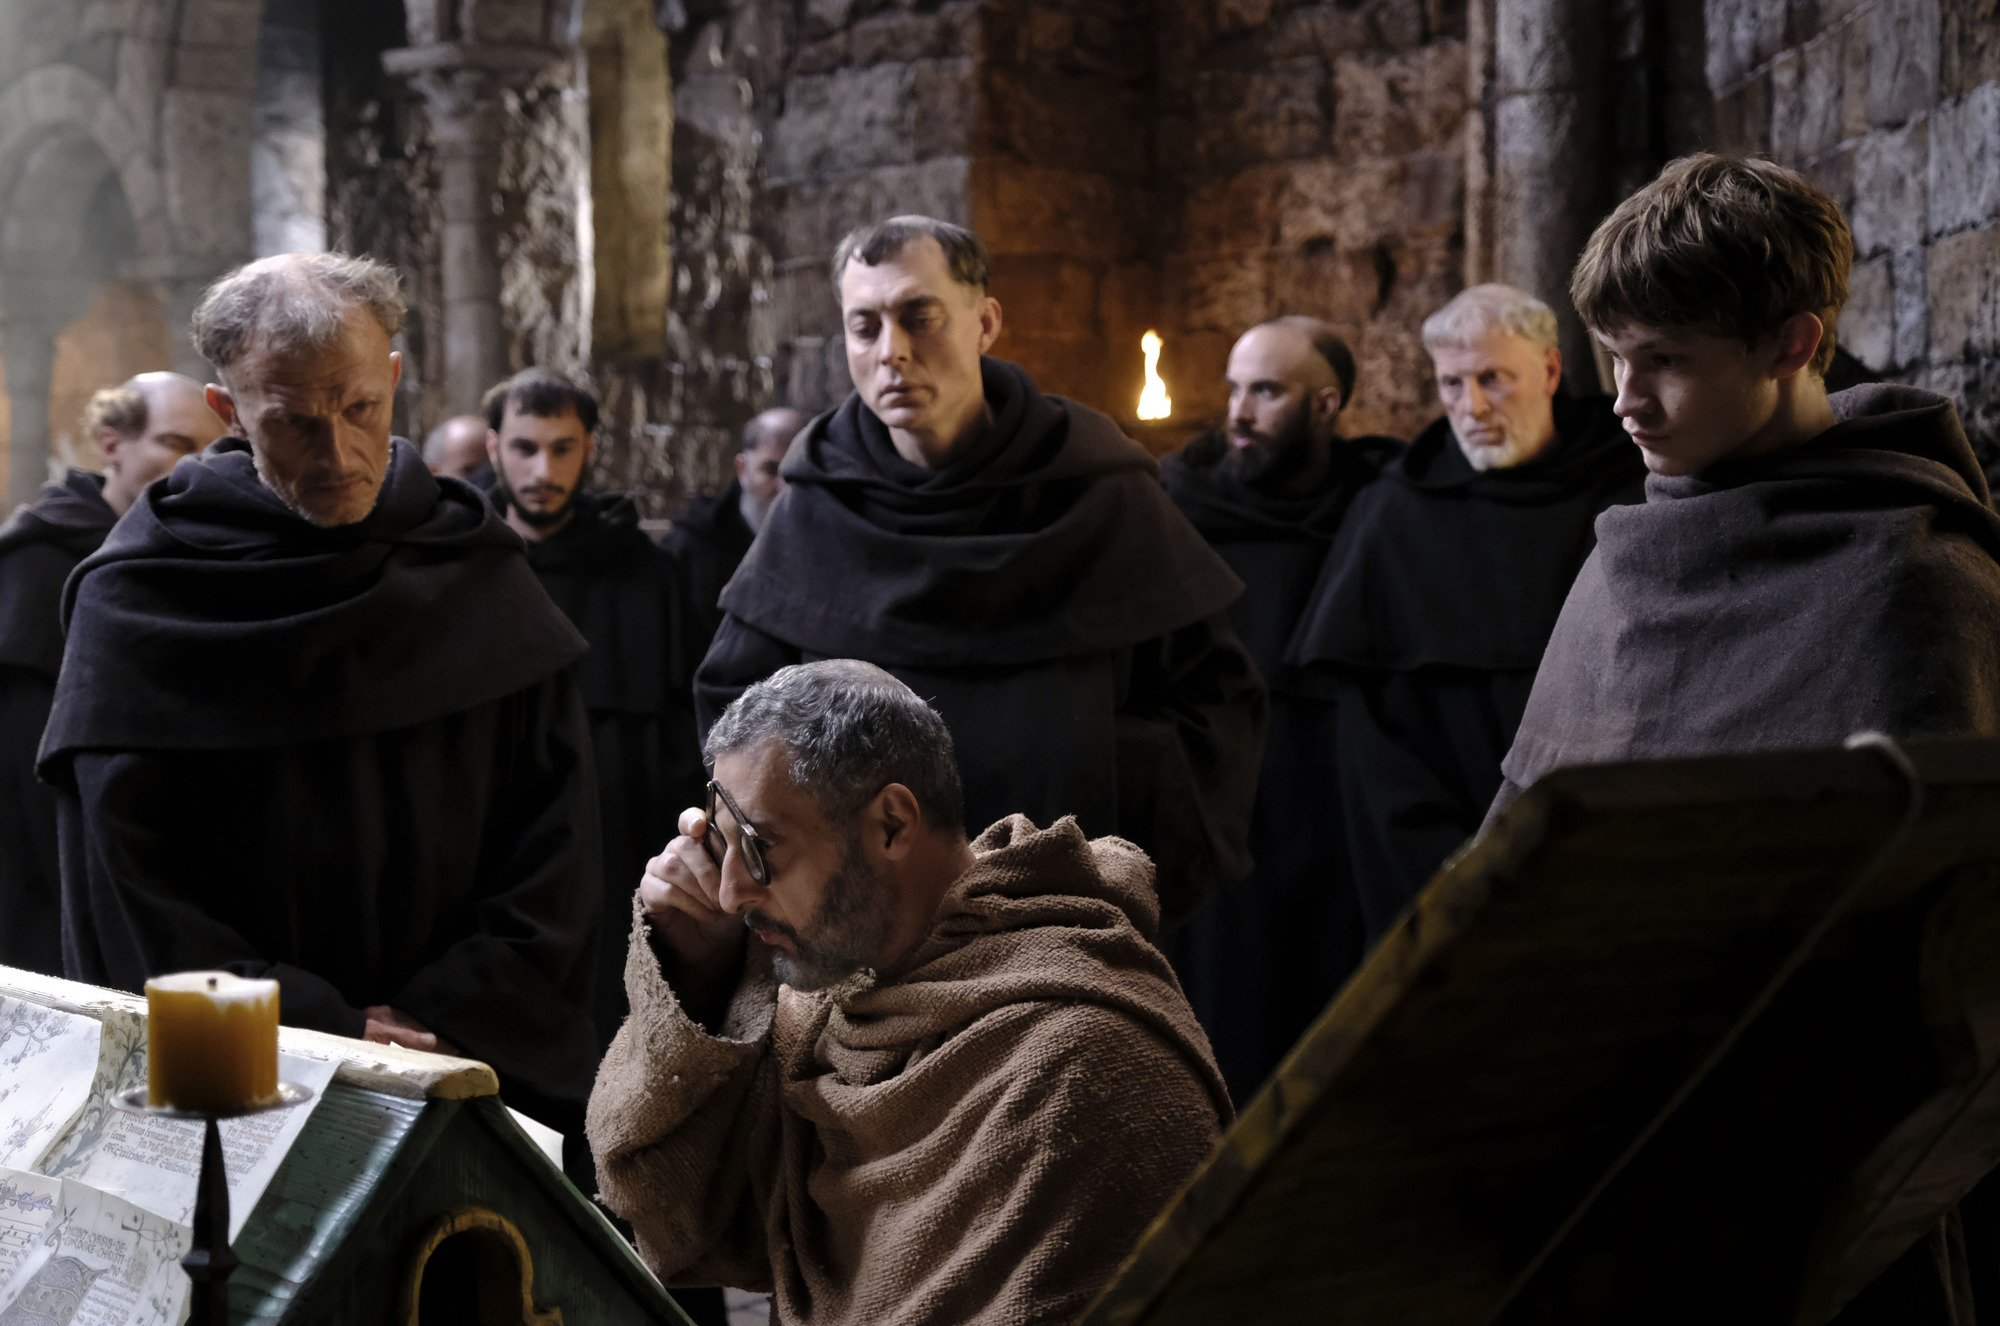 каждый картинка монах с розой только